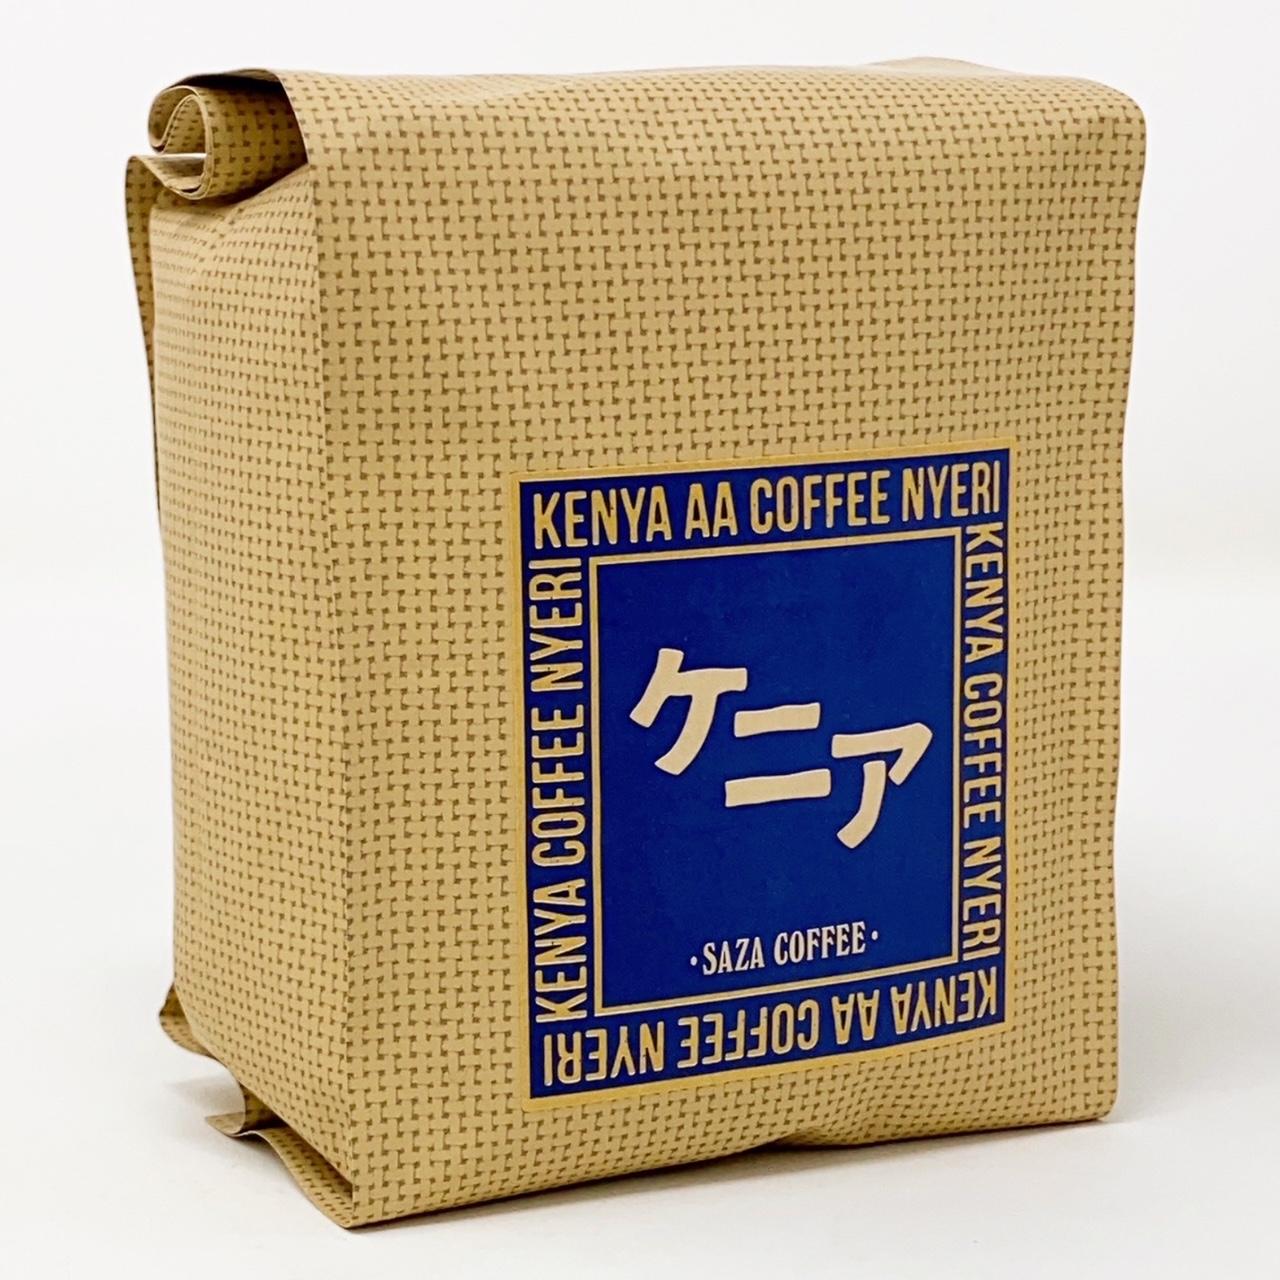 ケニア200g